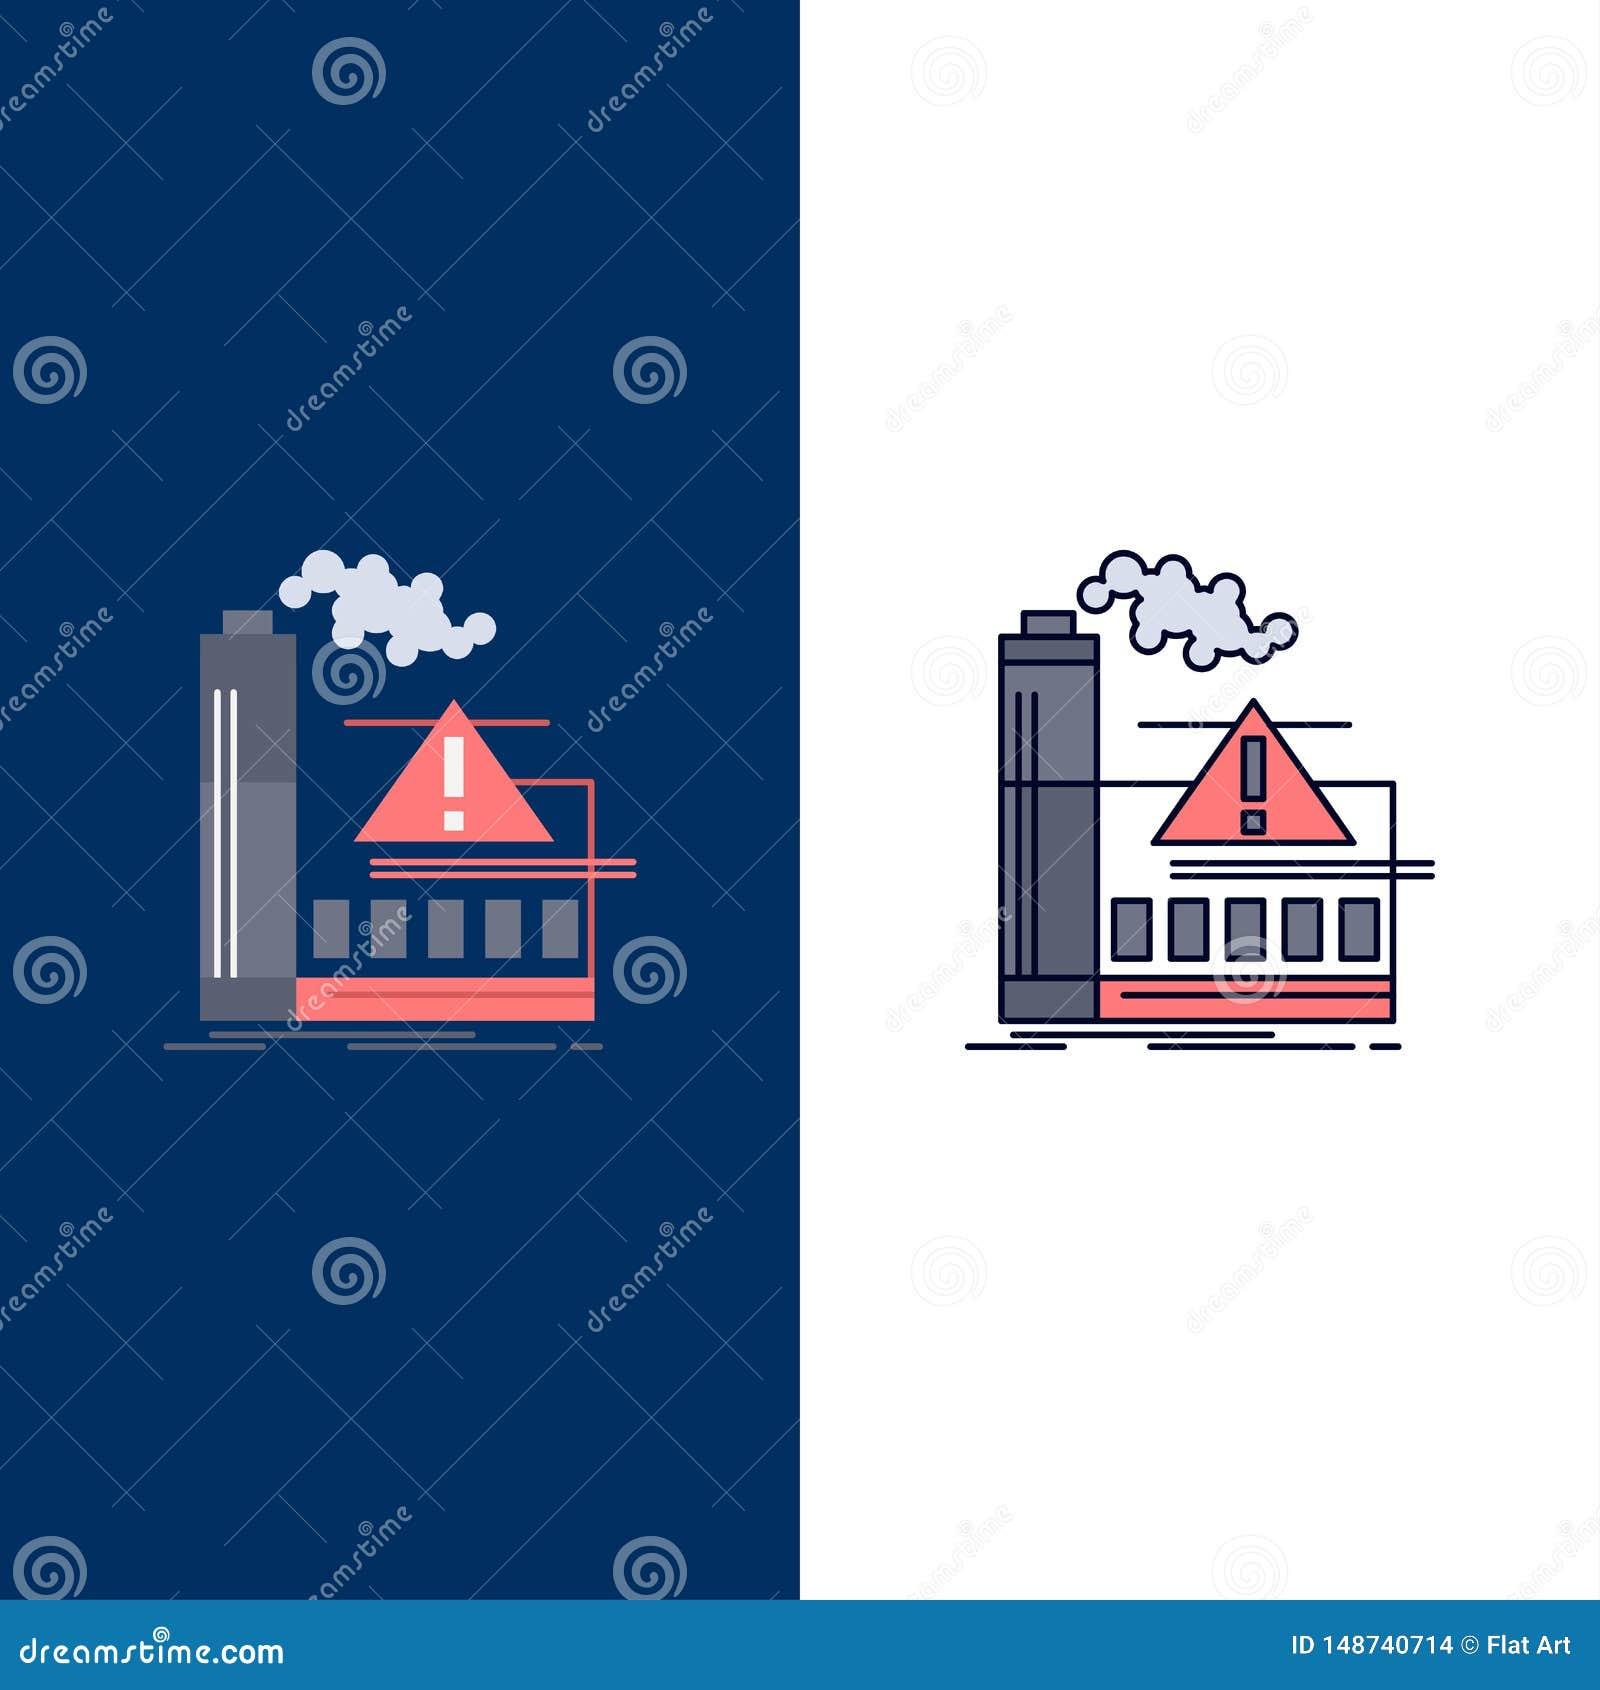 Verontreiniging, Fabriek, Lucht, Alarm, het Pictogramvector van de de industrie Vlakke Kleur